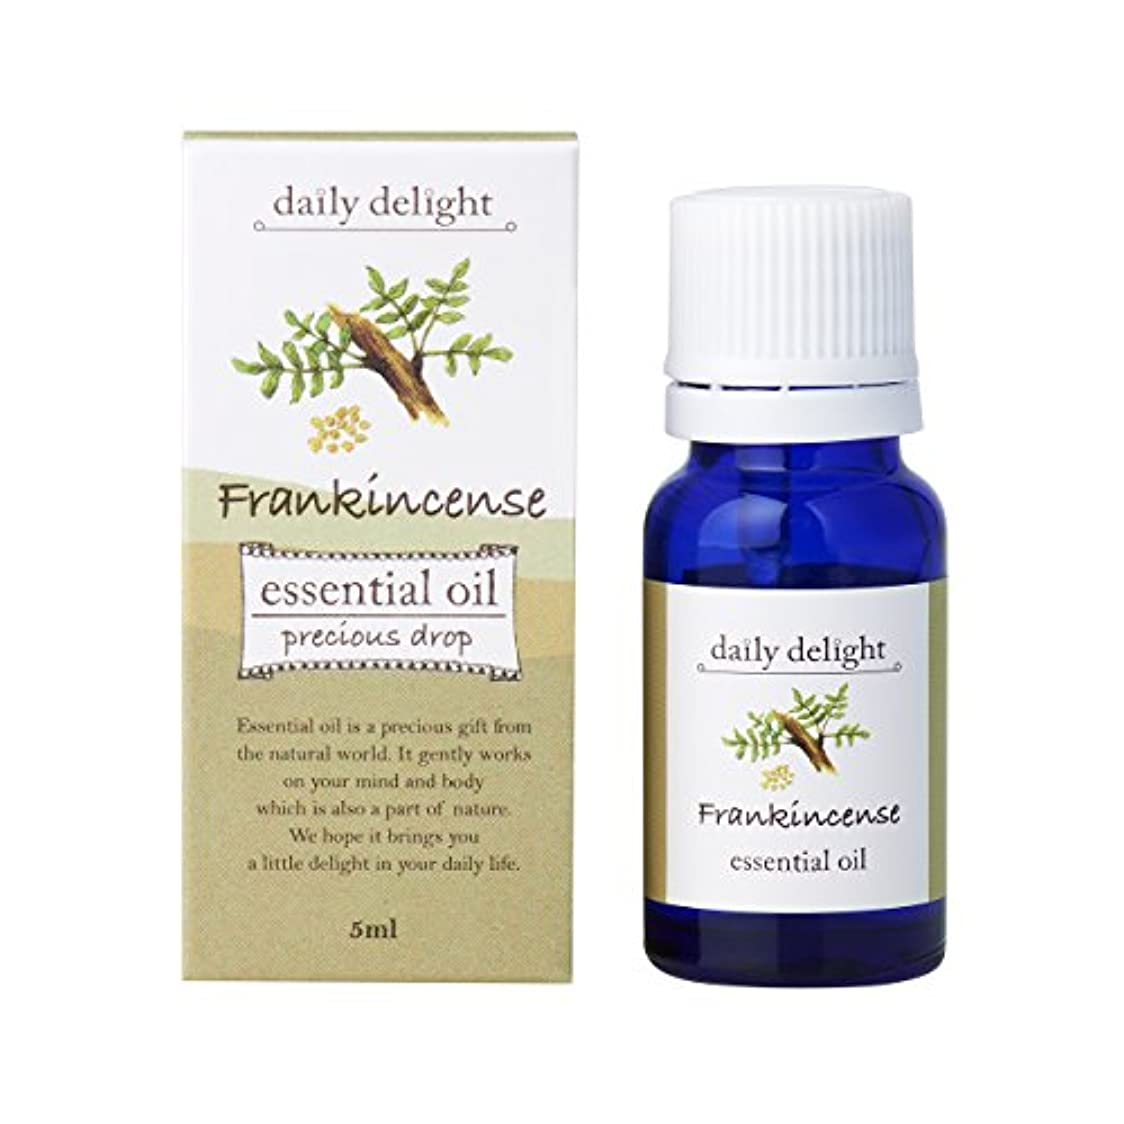 鼓舞するアルバニー愛するデイリーディライト エッセンシャルオイル フランキンセンス 5ml(天然100% 精油 アロマ 樹脂系 樹脂から採れるさわやかな木の香り)